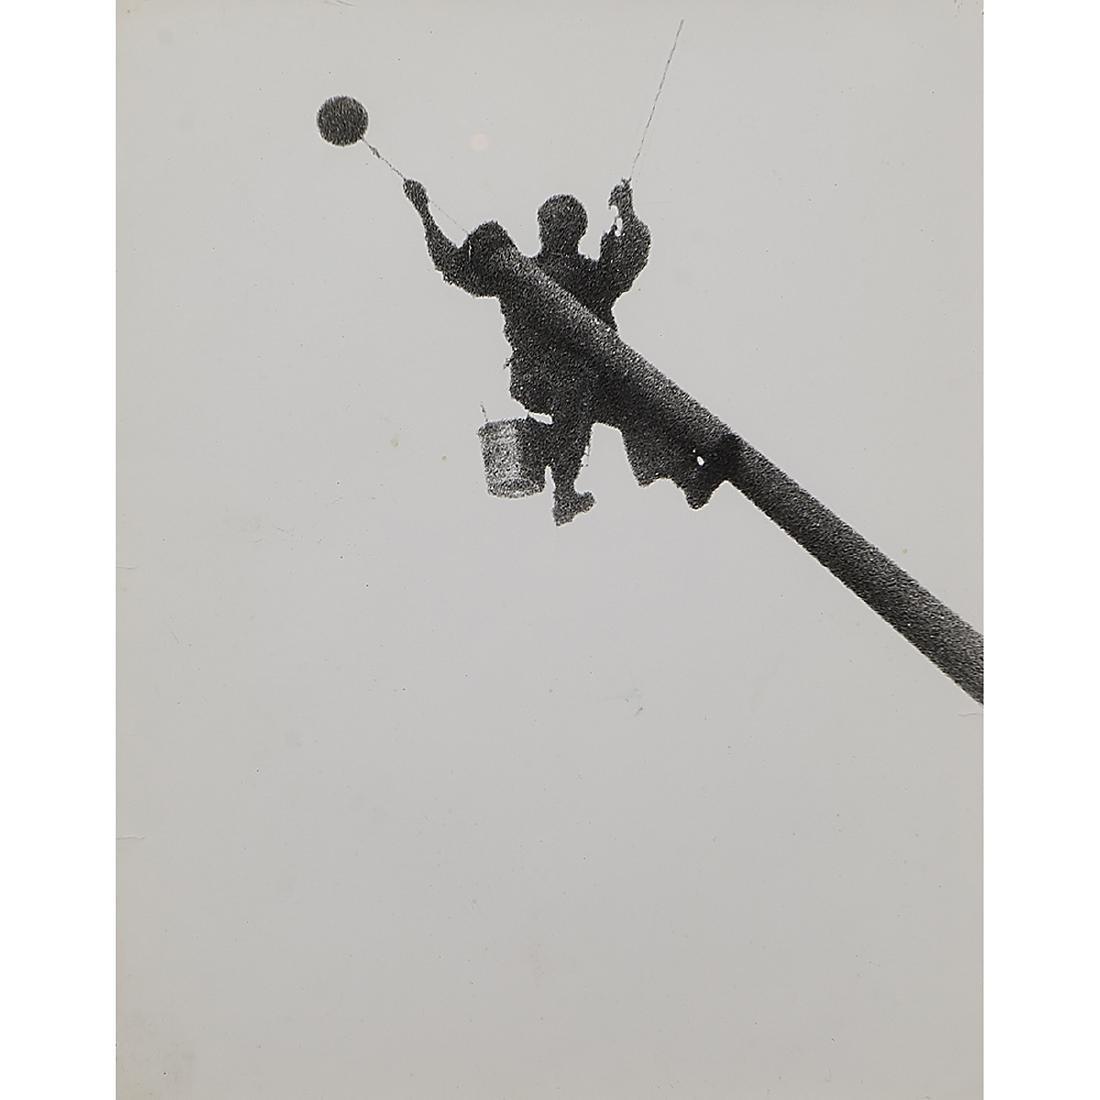 (Weegee) Arthur Fellig, Flagpole Distortion